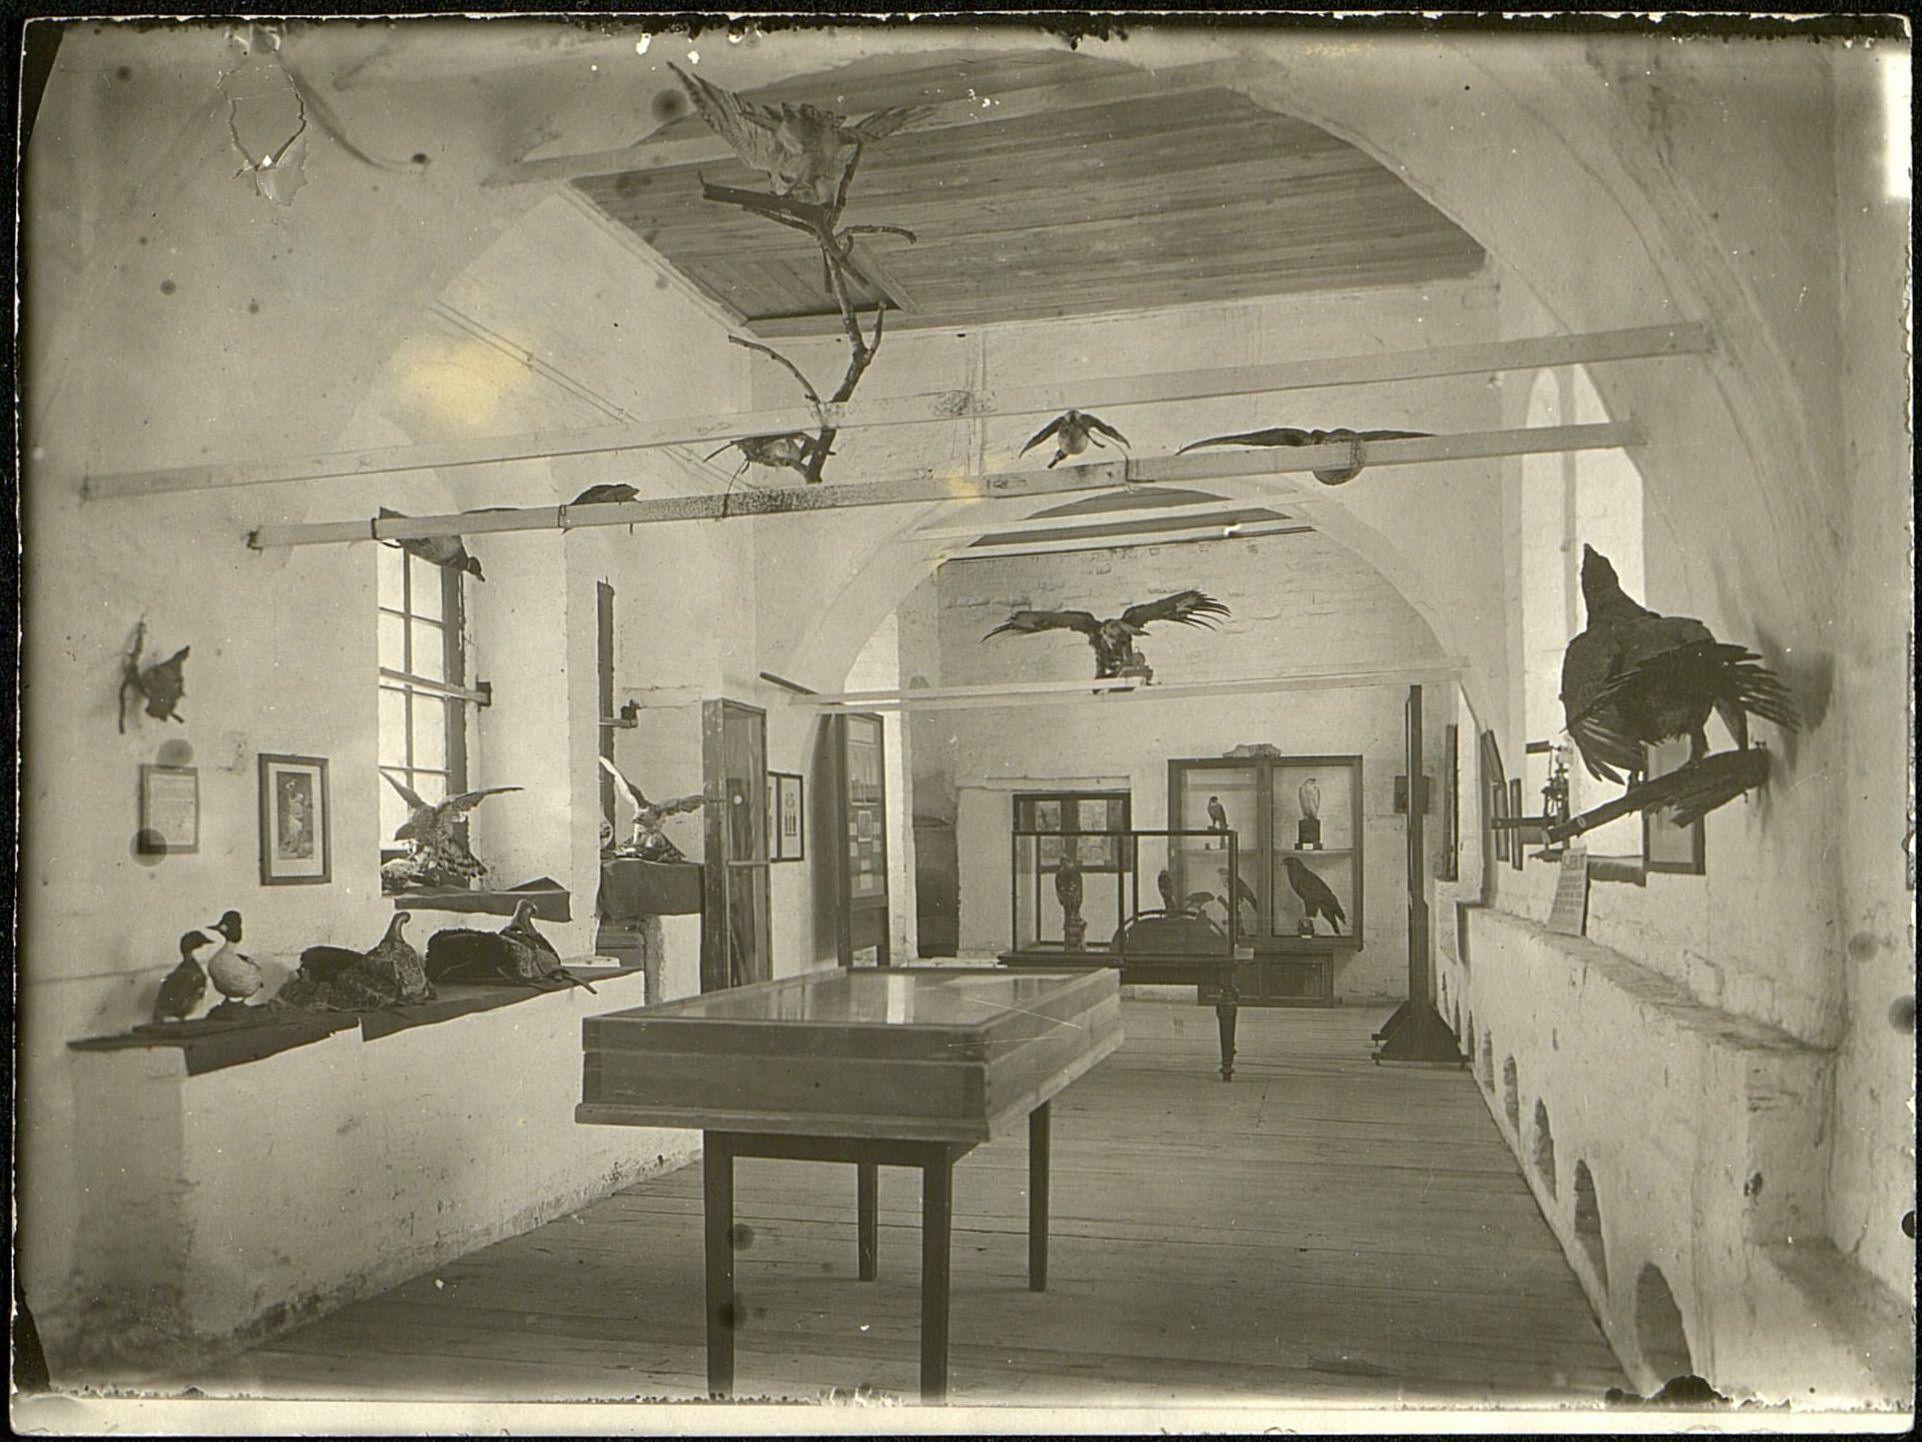 Уникальная выставка «Загляни в сокровищницу музея», посвященная 95-летию музея, откроется в «Коломенском»